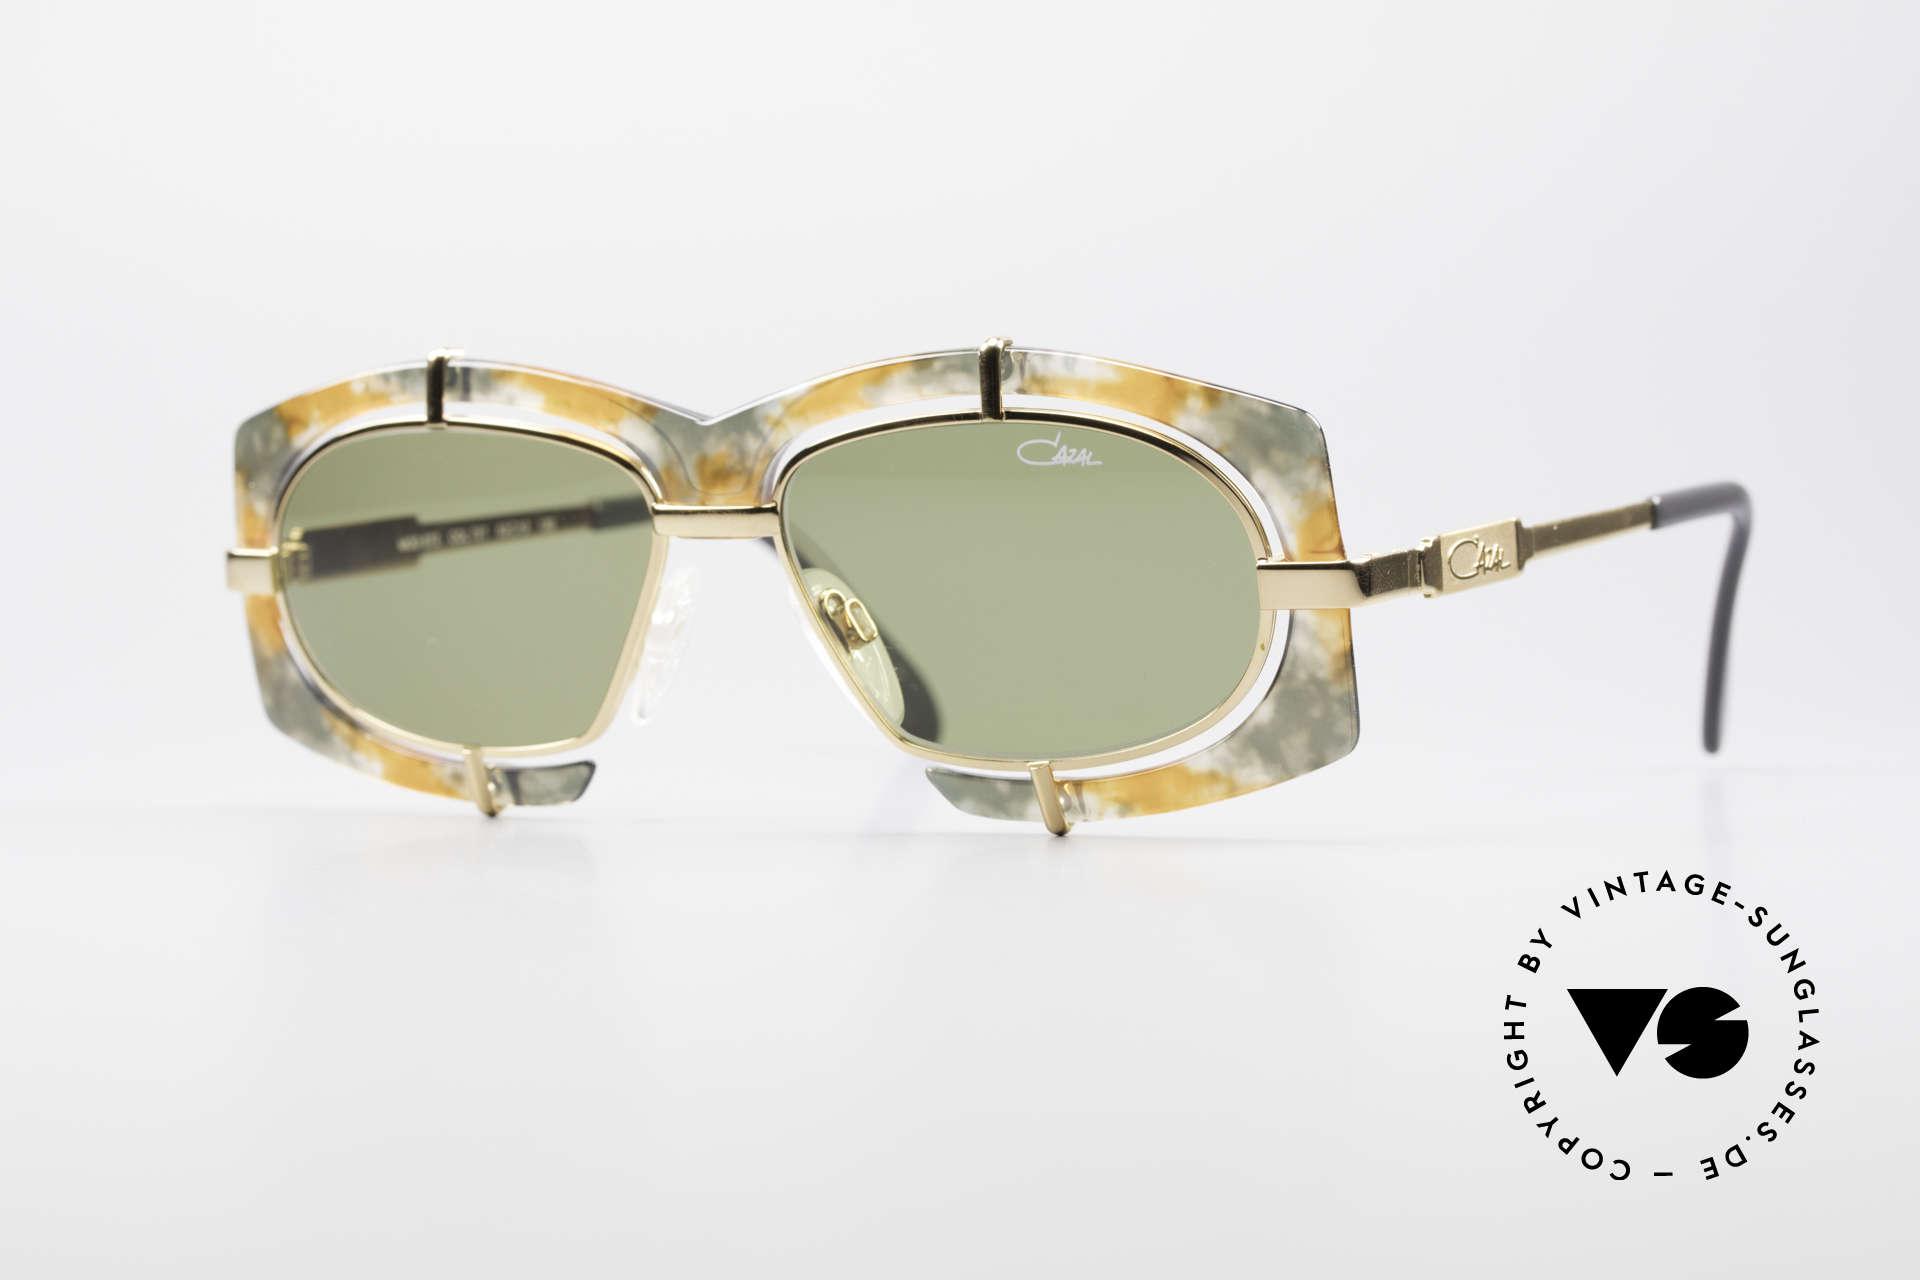 Cazal 872 Außergewöhnliche 90er Brille, verrückte Cazal Designersonnenbrille der frühen 90er, Passend für Herren und Damen